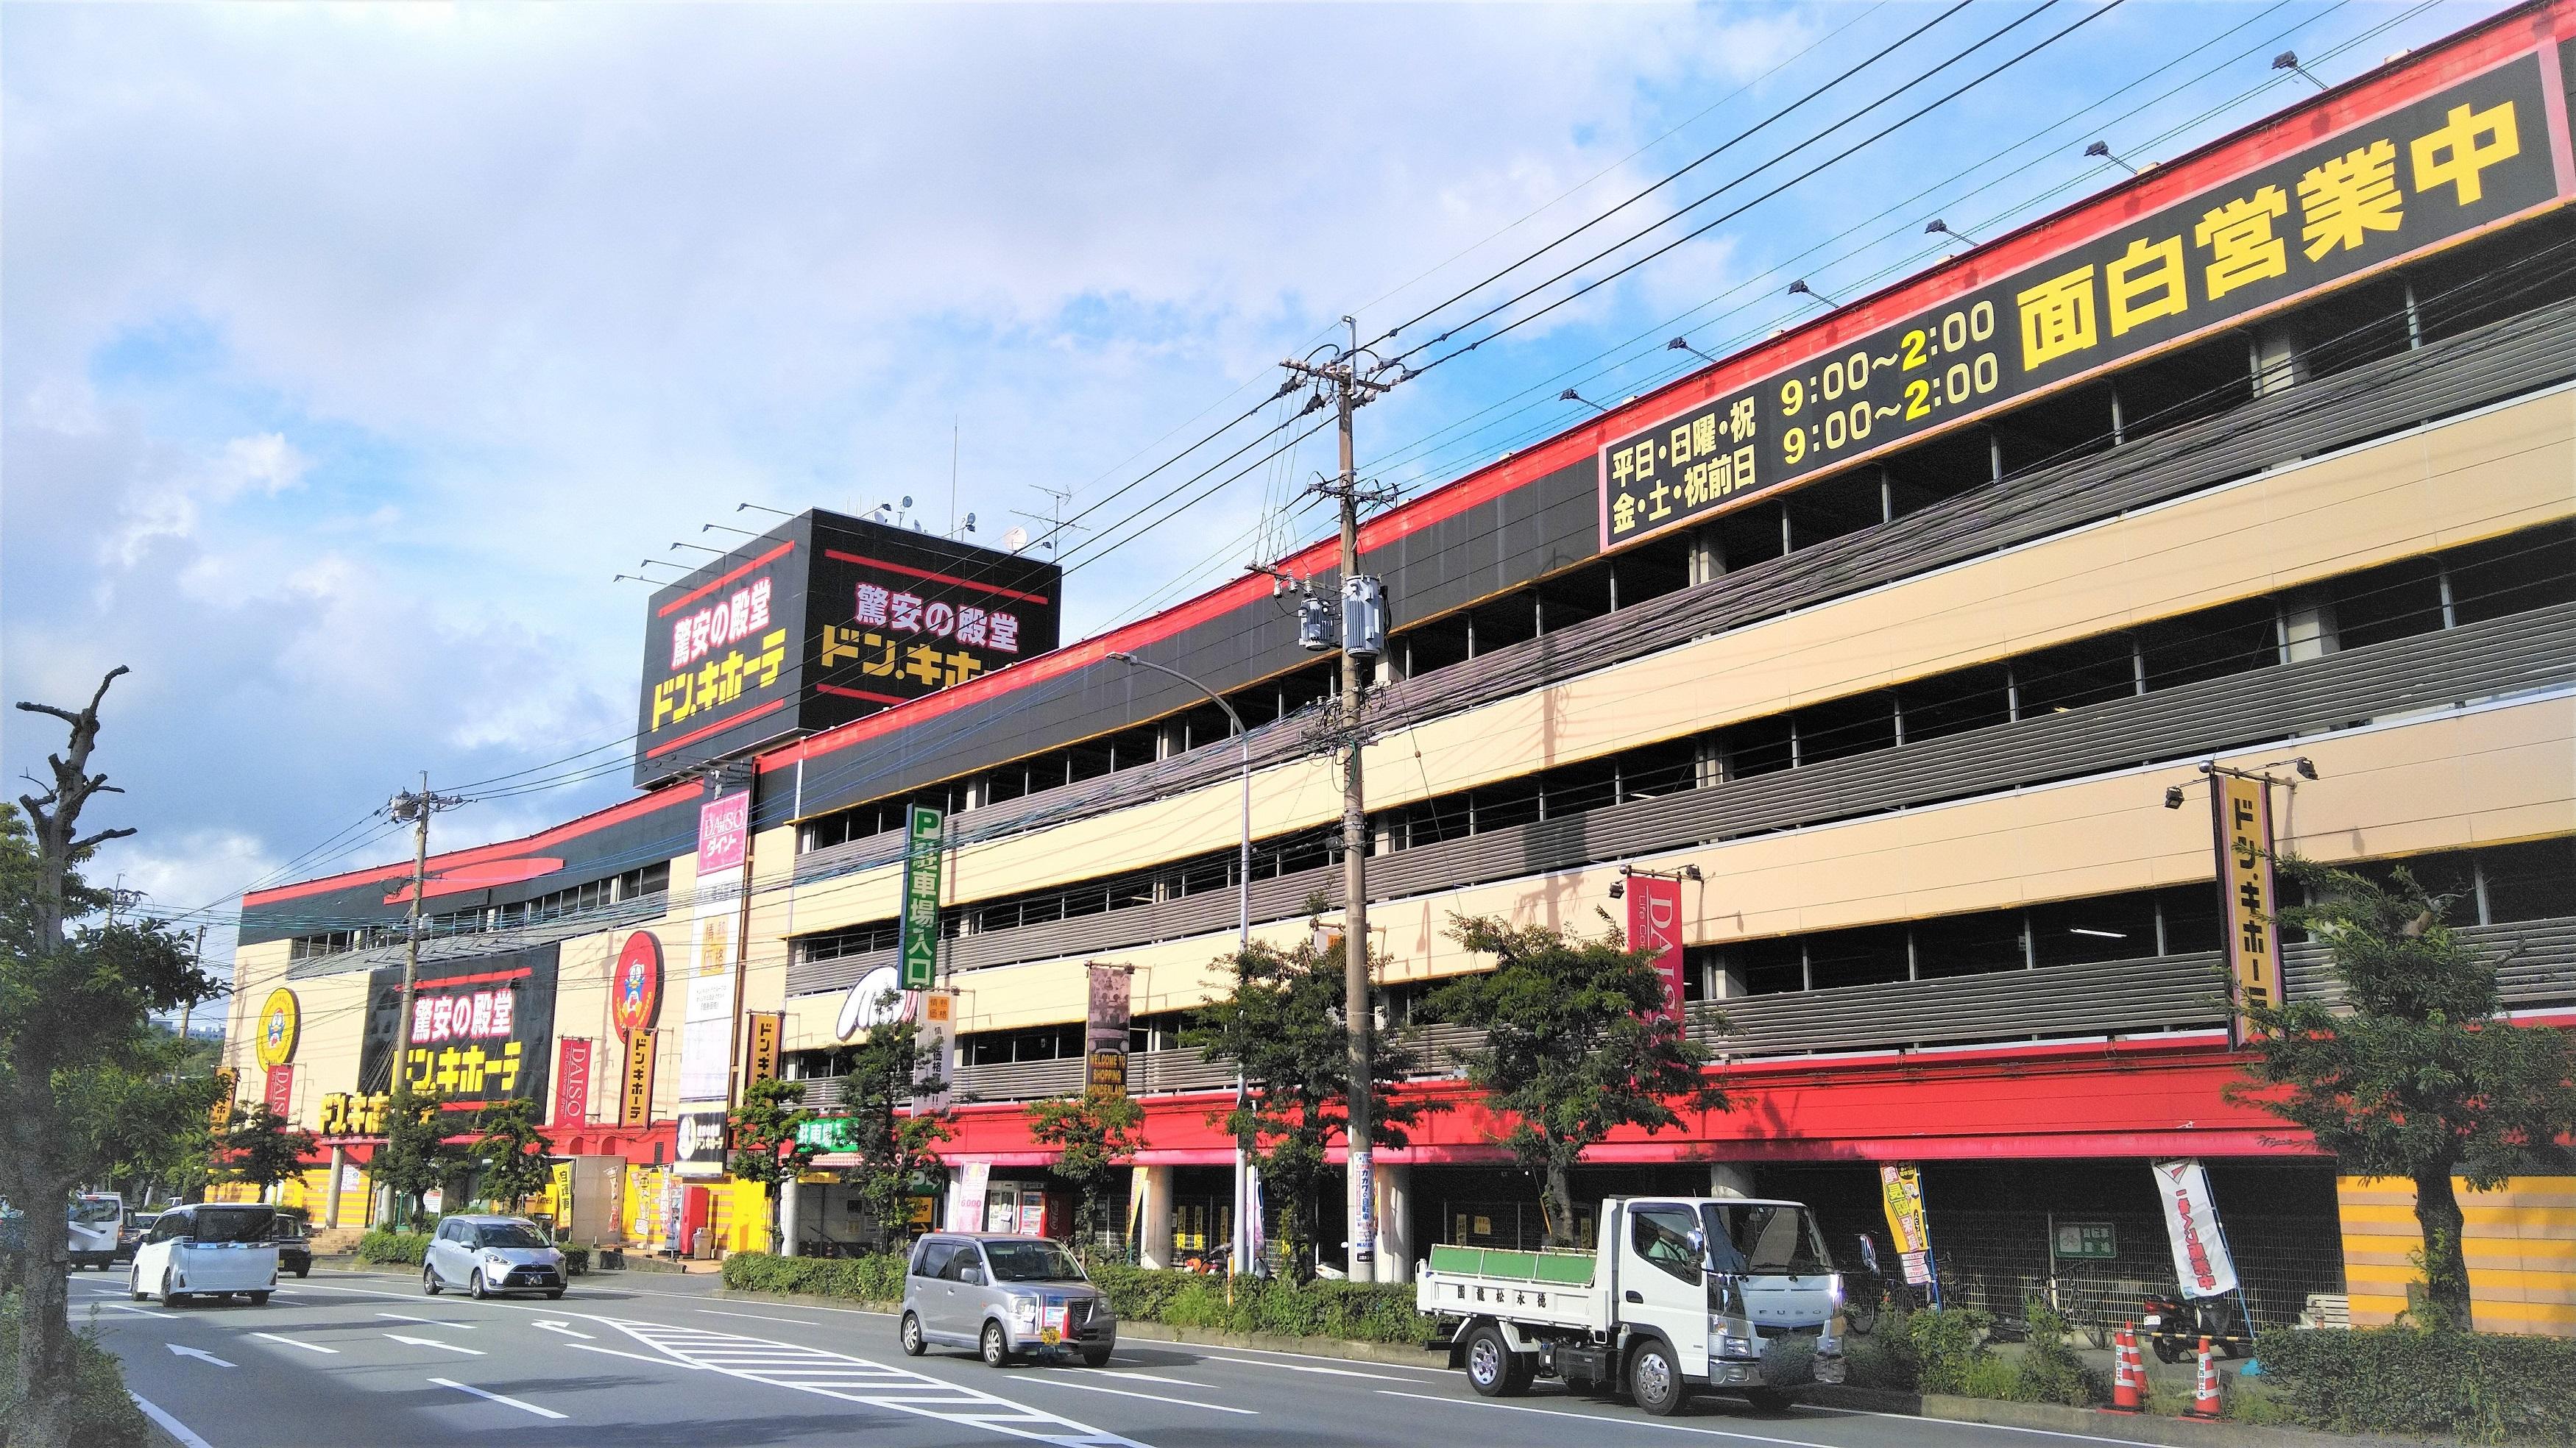 熊本市西区上熊本(ドン.キホーテ パウ上熊本店跡)